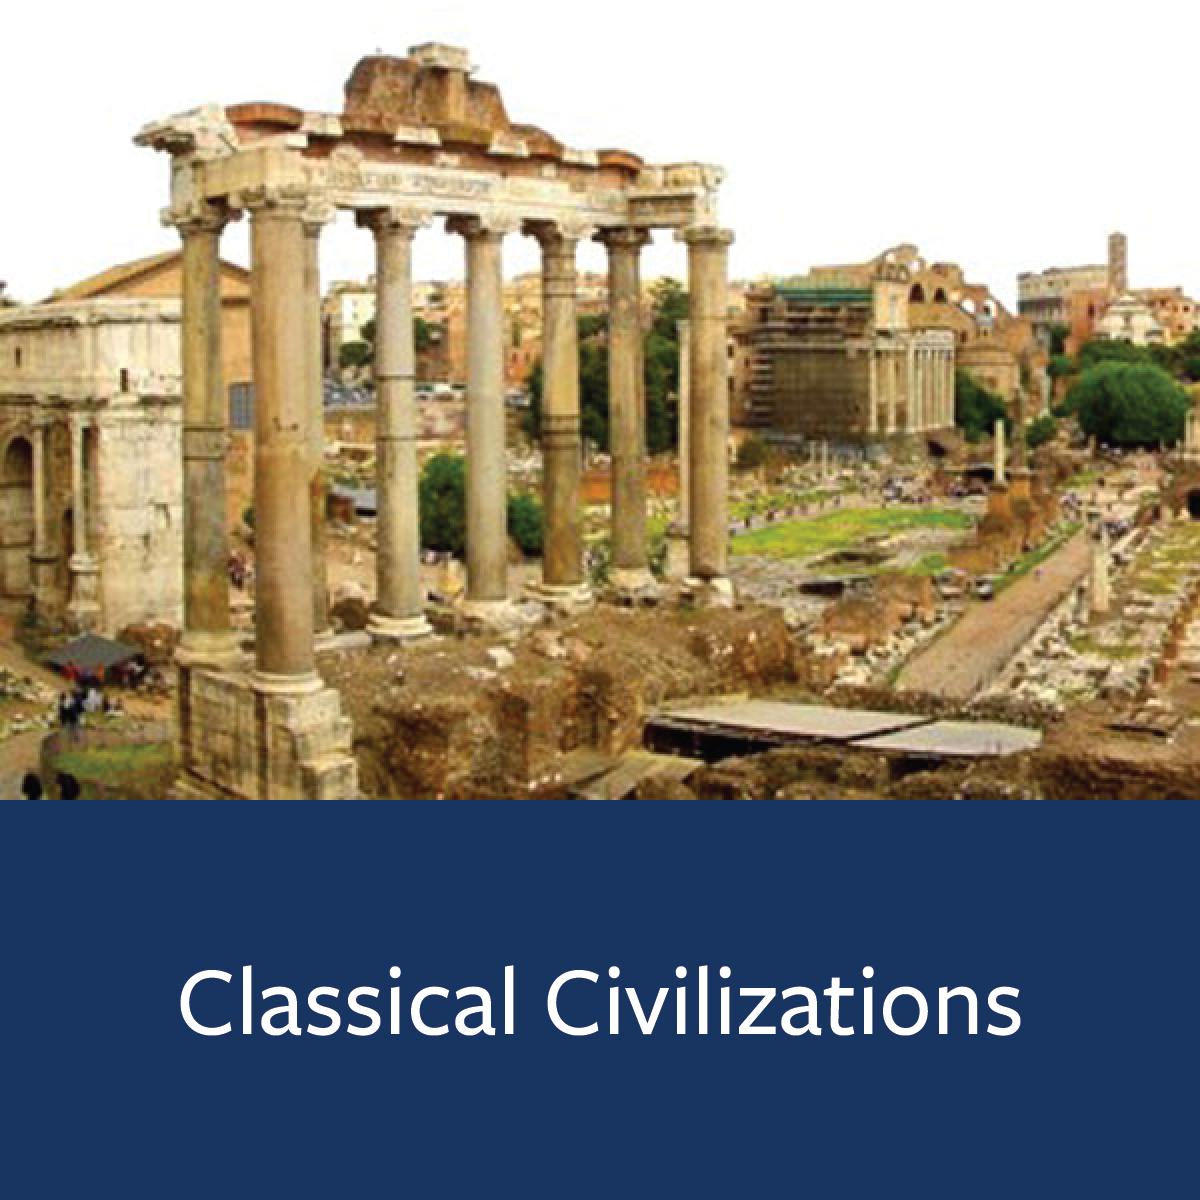 Classical Civilizations Major Map